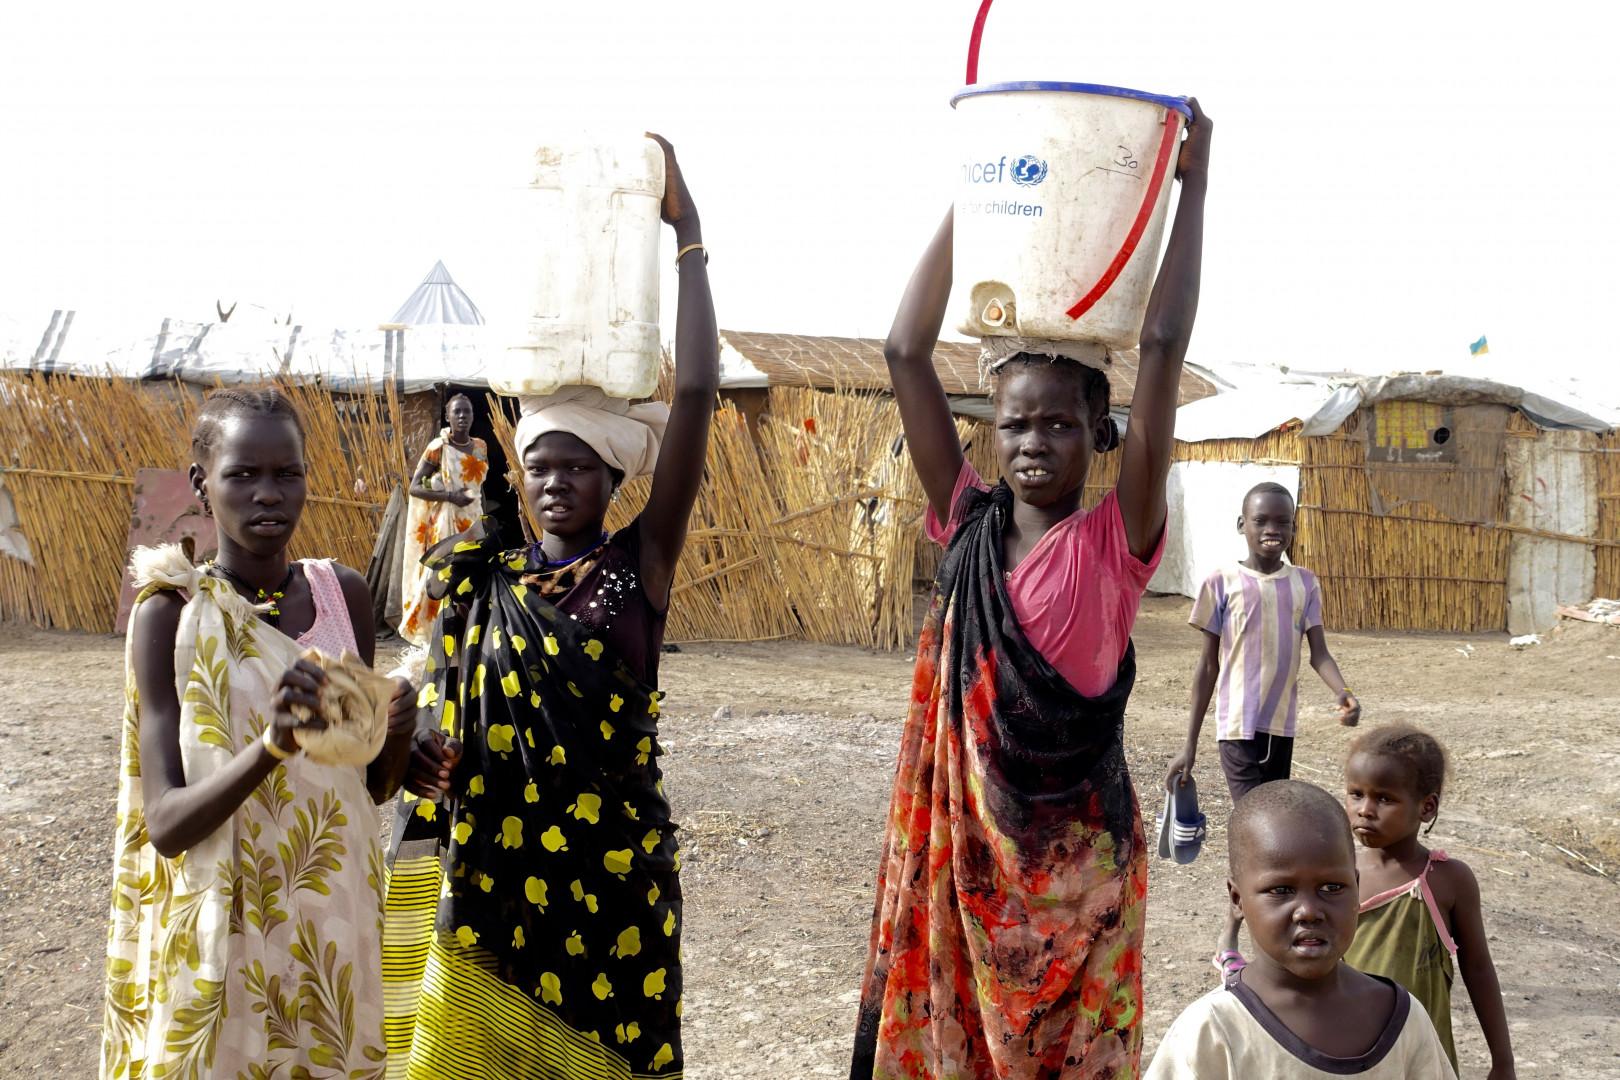 Plus de 5 millions de personnes ont besoin d'une aide alimentaire d'urgence.